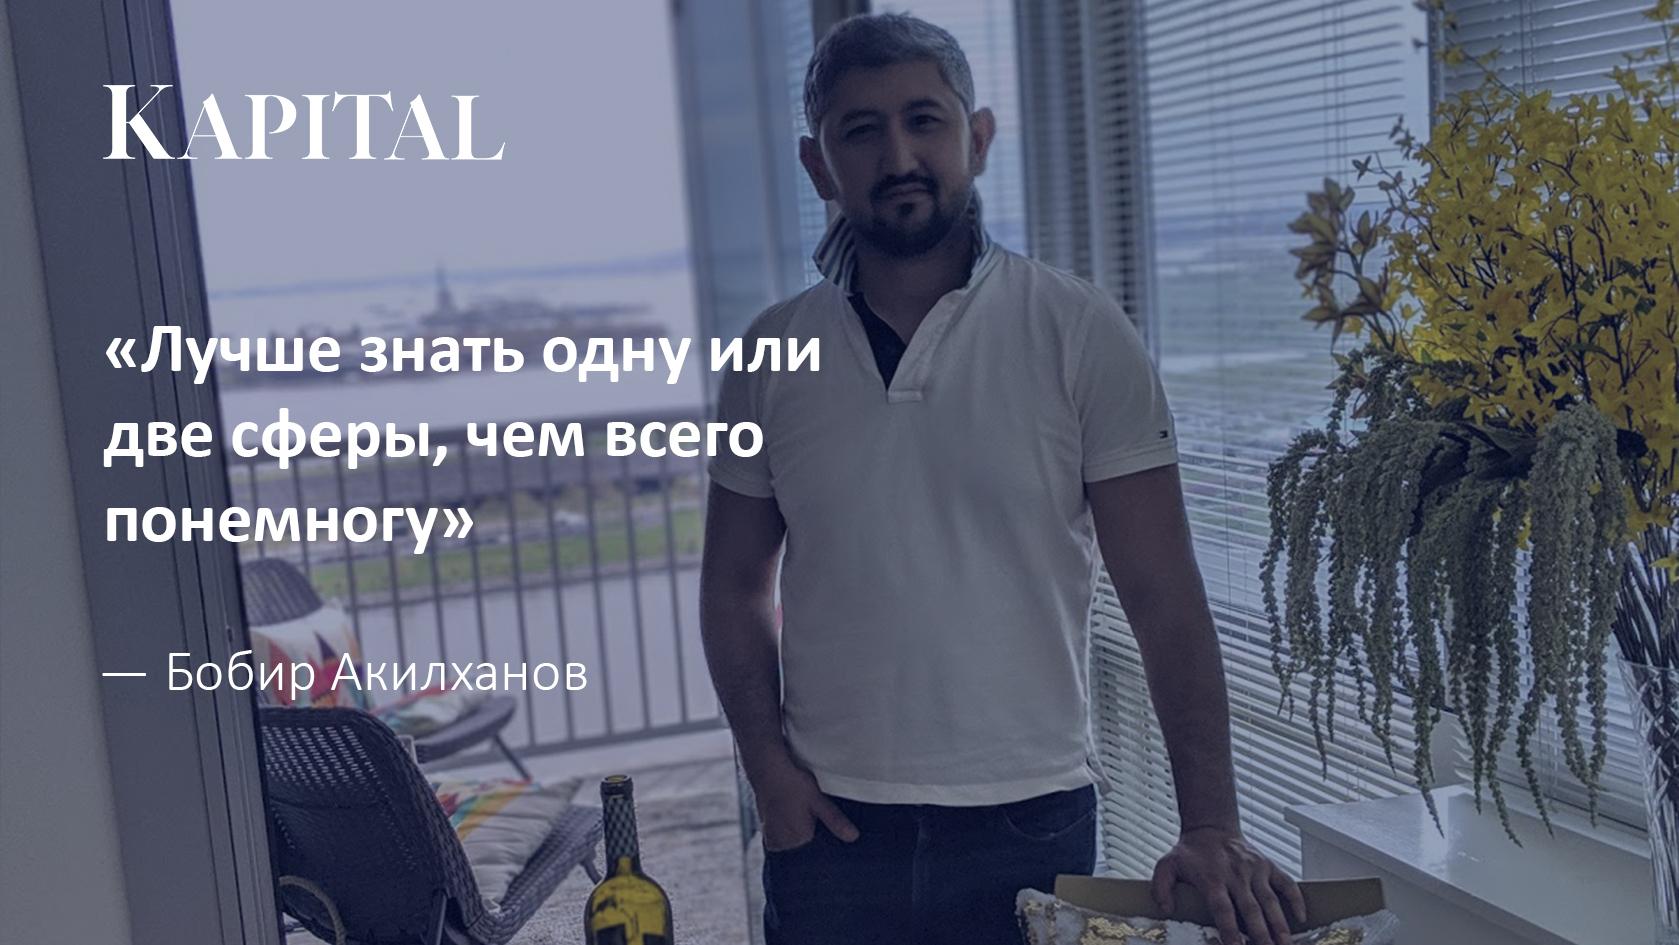 Бобир Акилханов рассказал, как стать специалистом c хорошей зарплатой